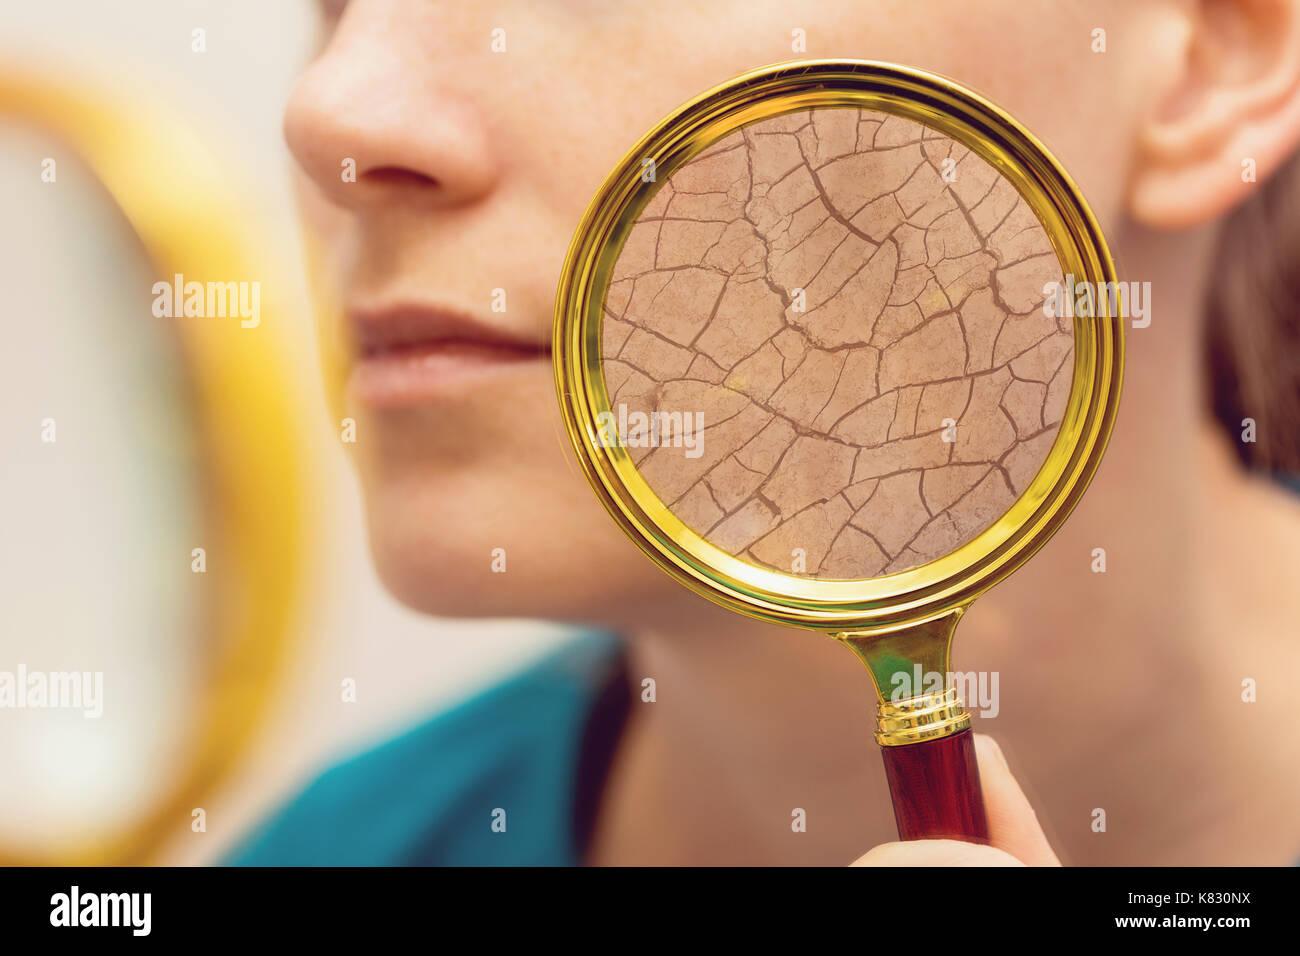 Invecchiamento e asciugare la pelle del viso concetto - donna con lente di ingrandimento Immagini Stock